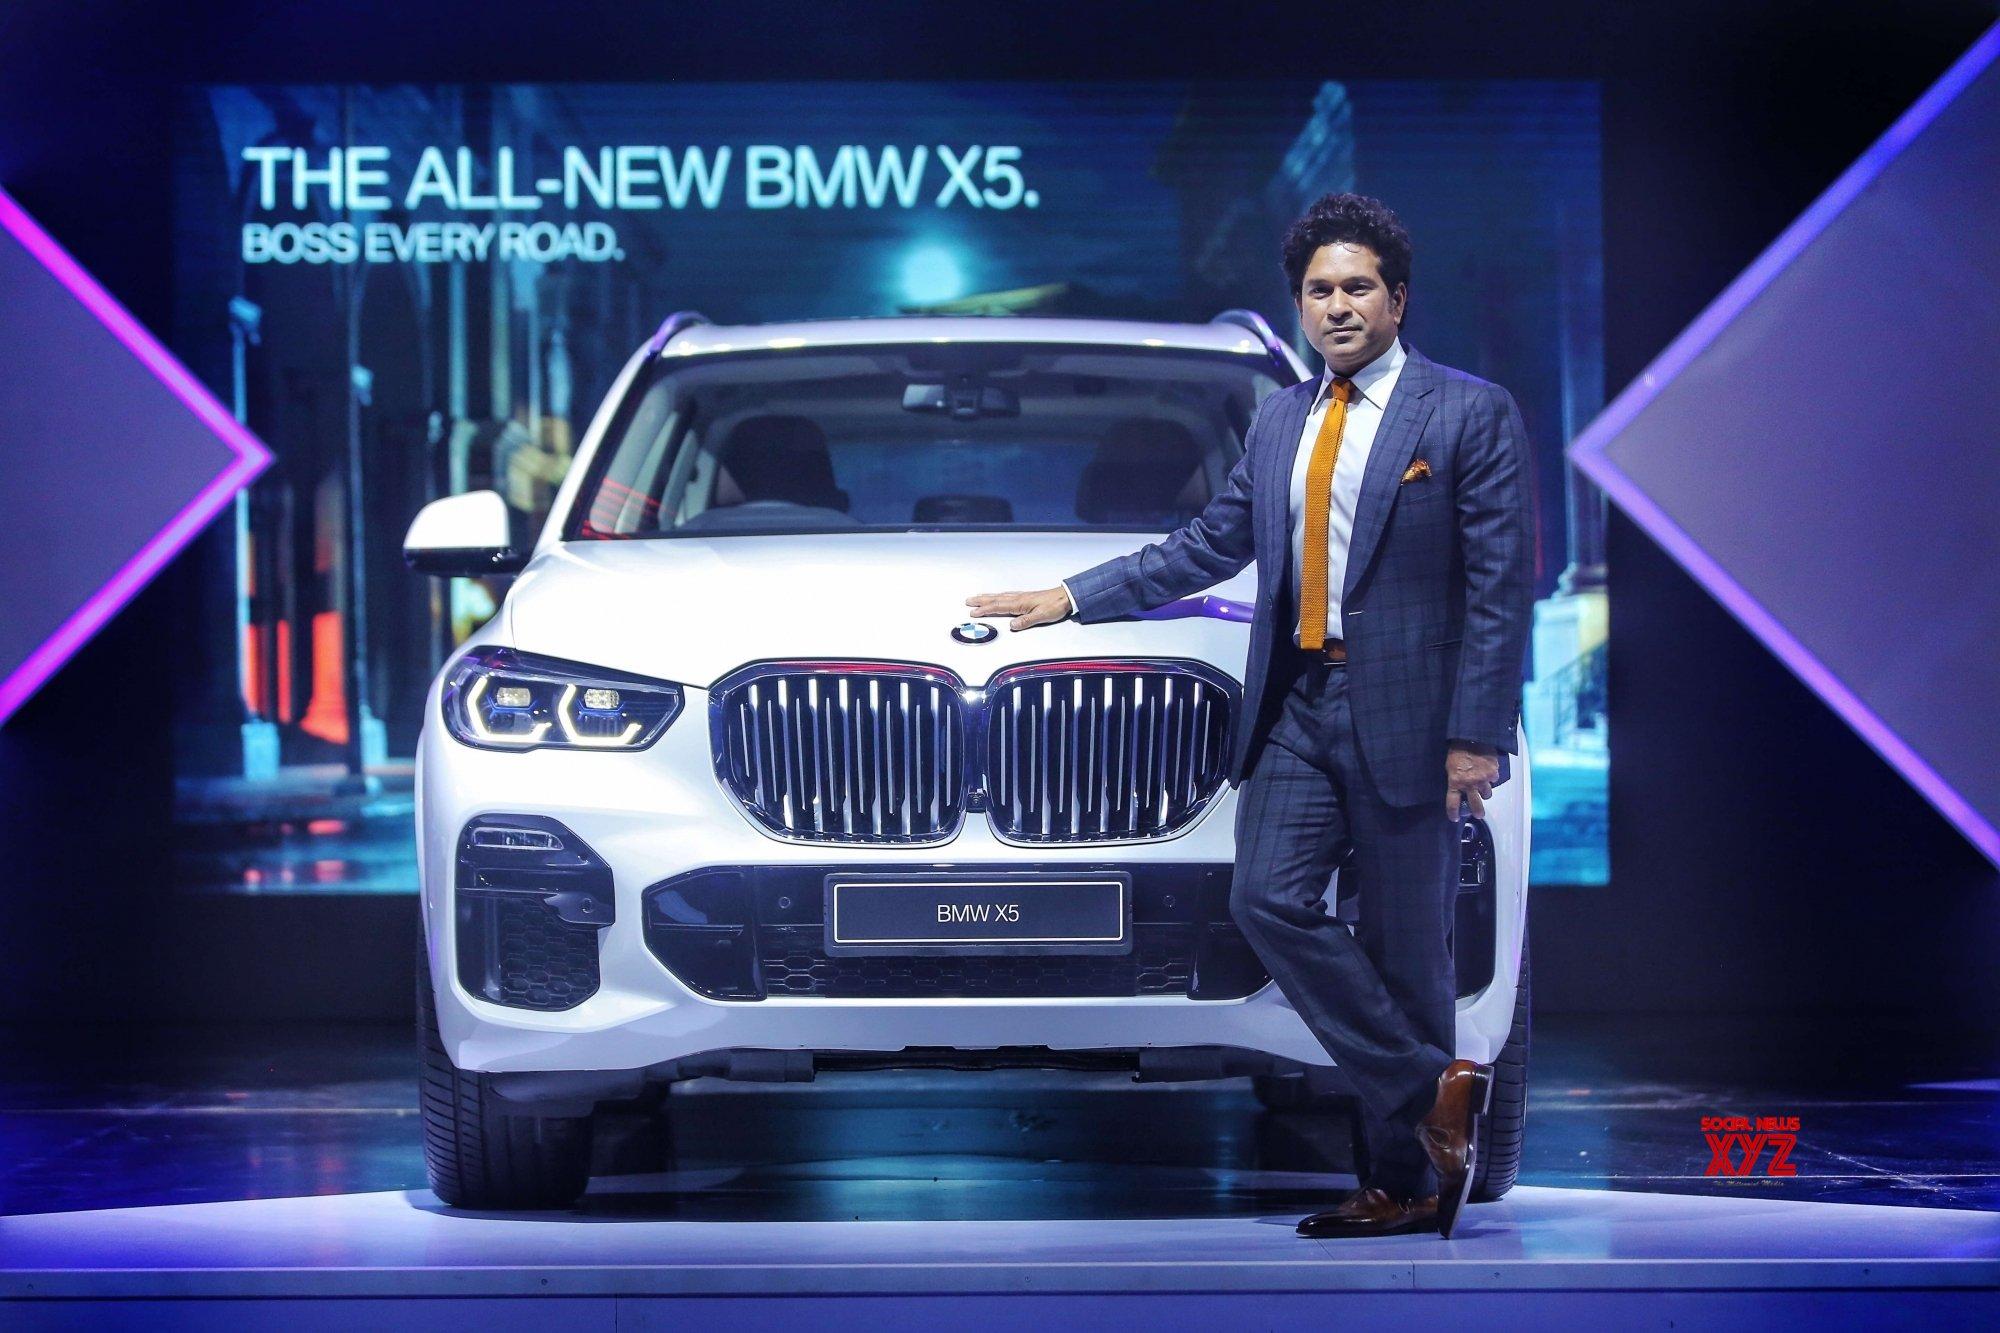 Sachin Tendulkar launches all-new BMW X5